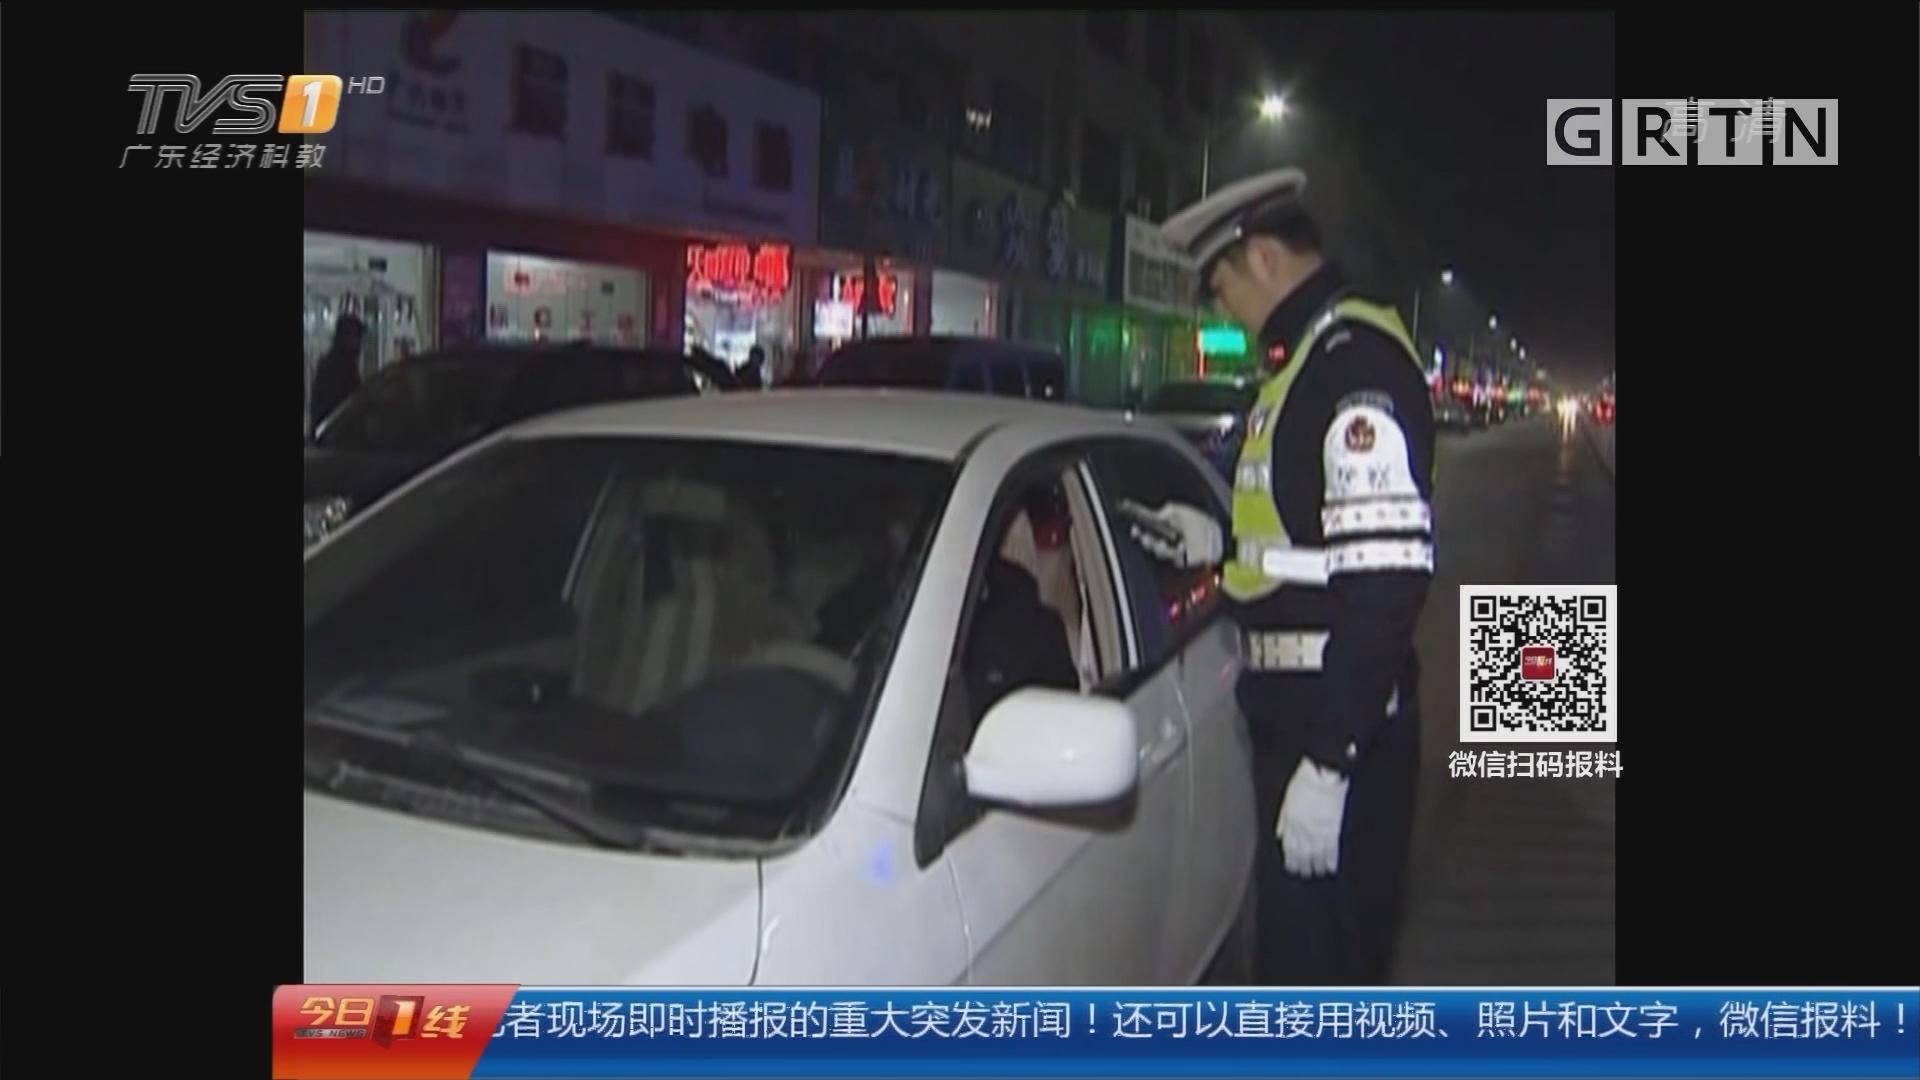 安徽芜湖:堂弟醉驾被查 堂哥撒泼砸警车